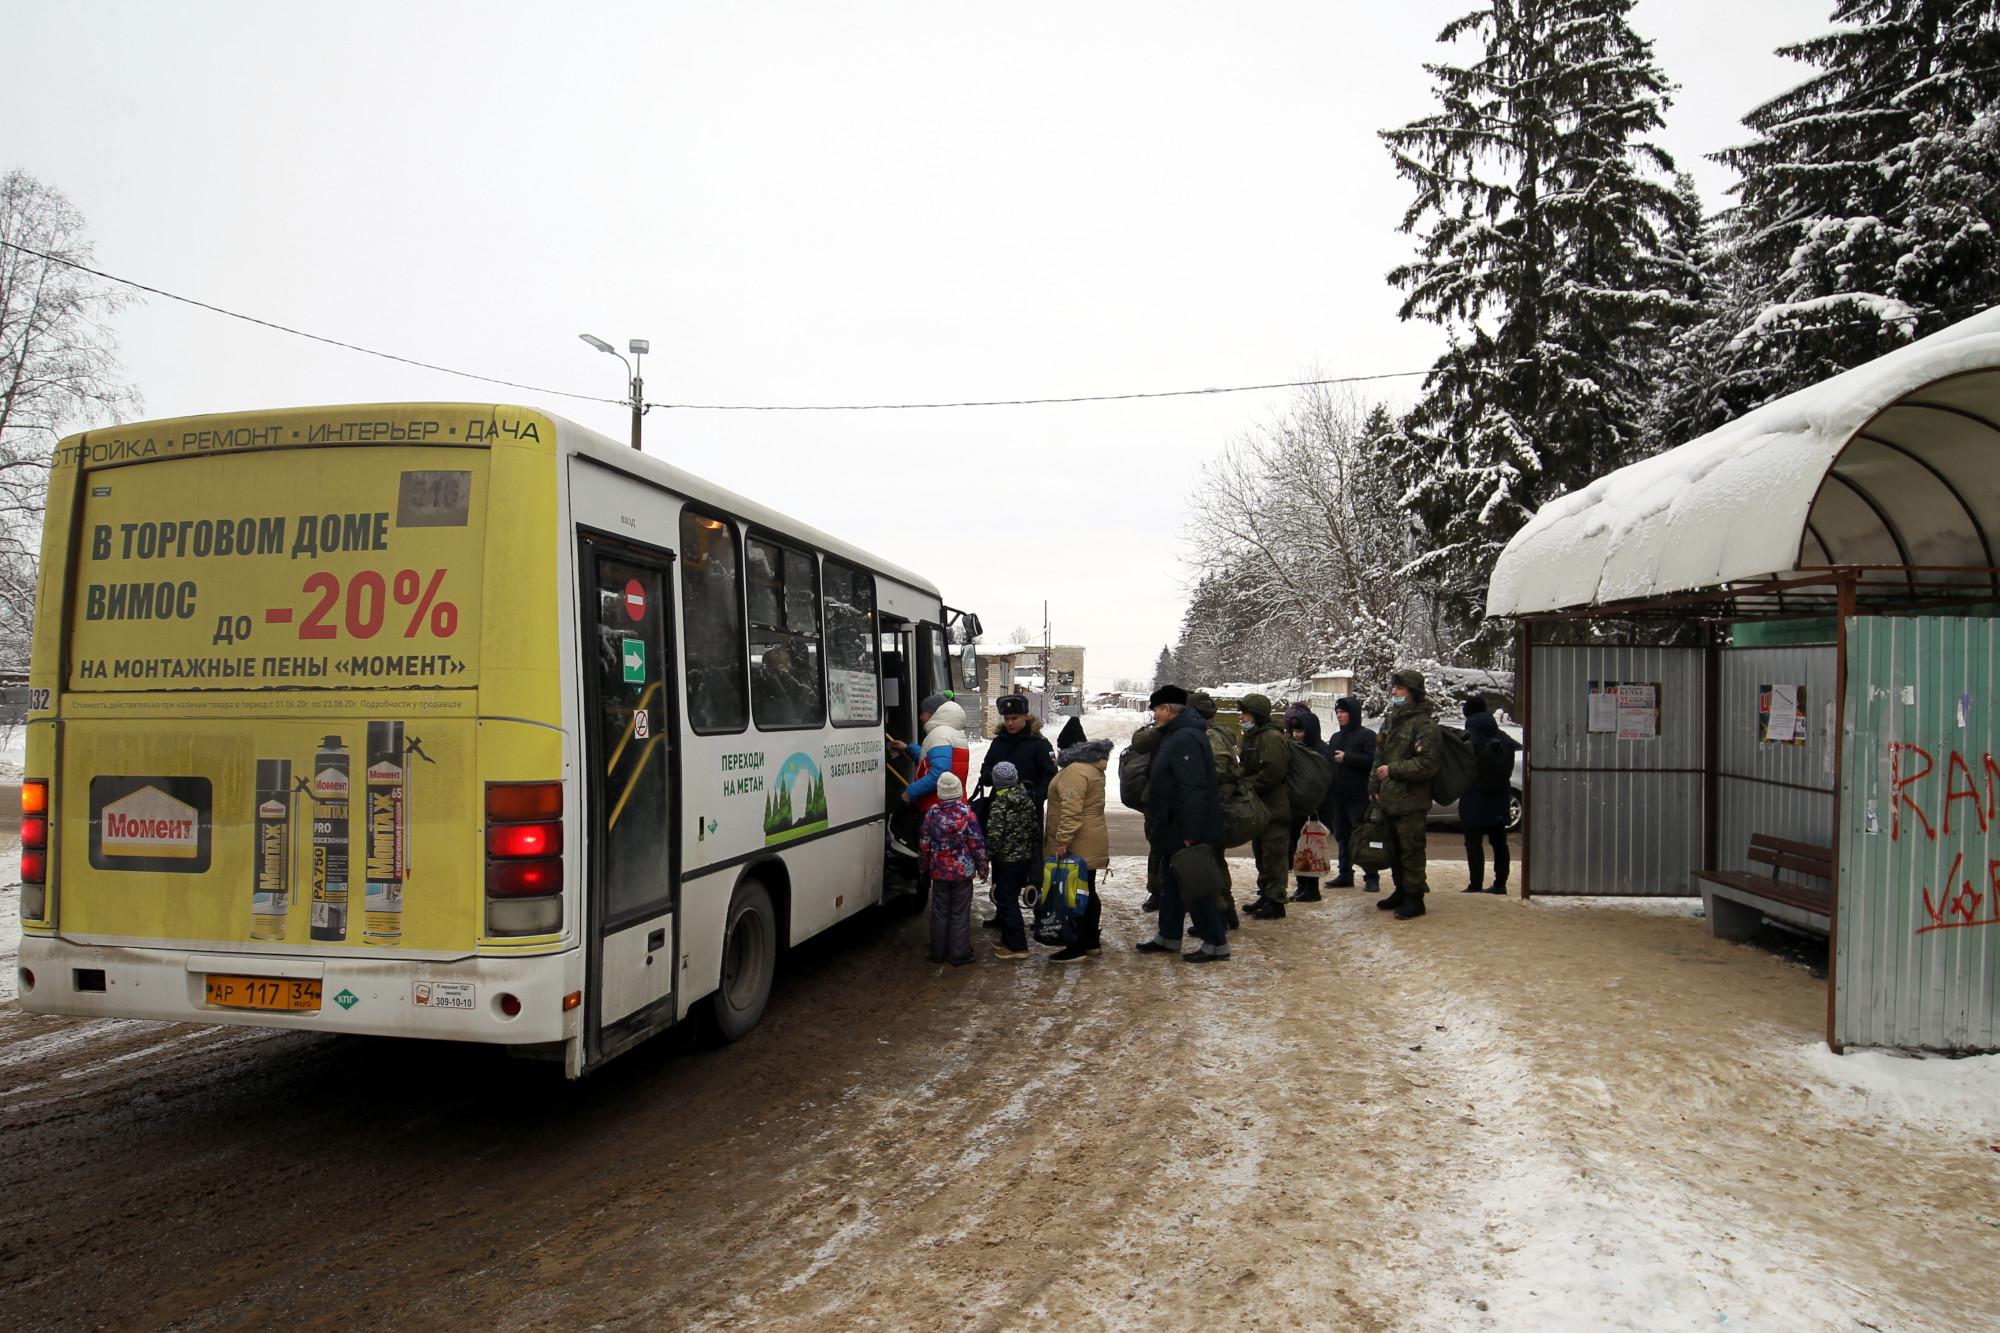 посёлок Хвойный, остановка общественного транспорта, маршрутка